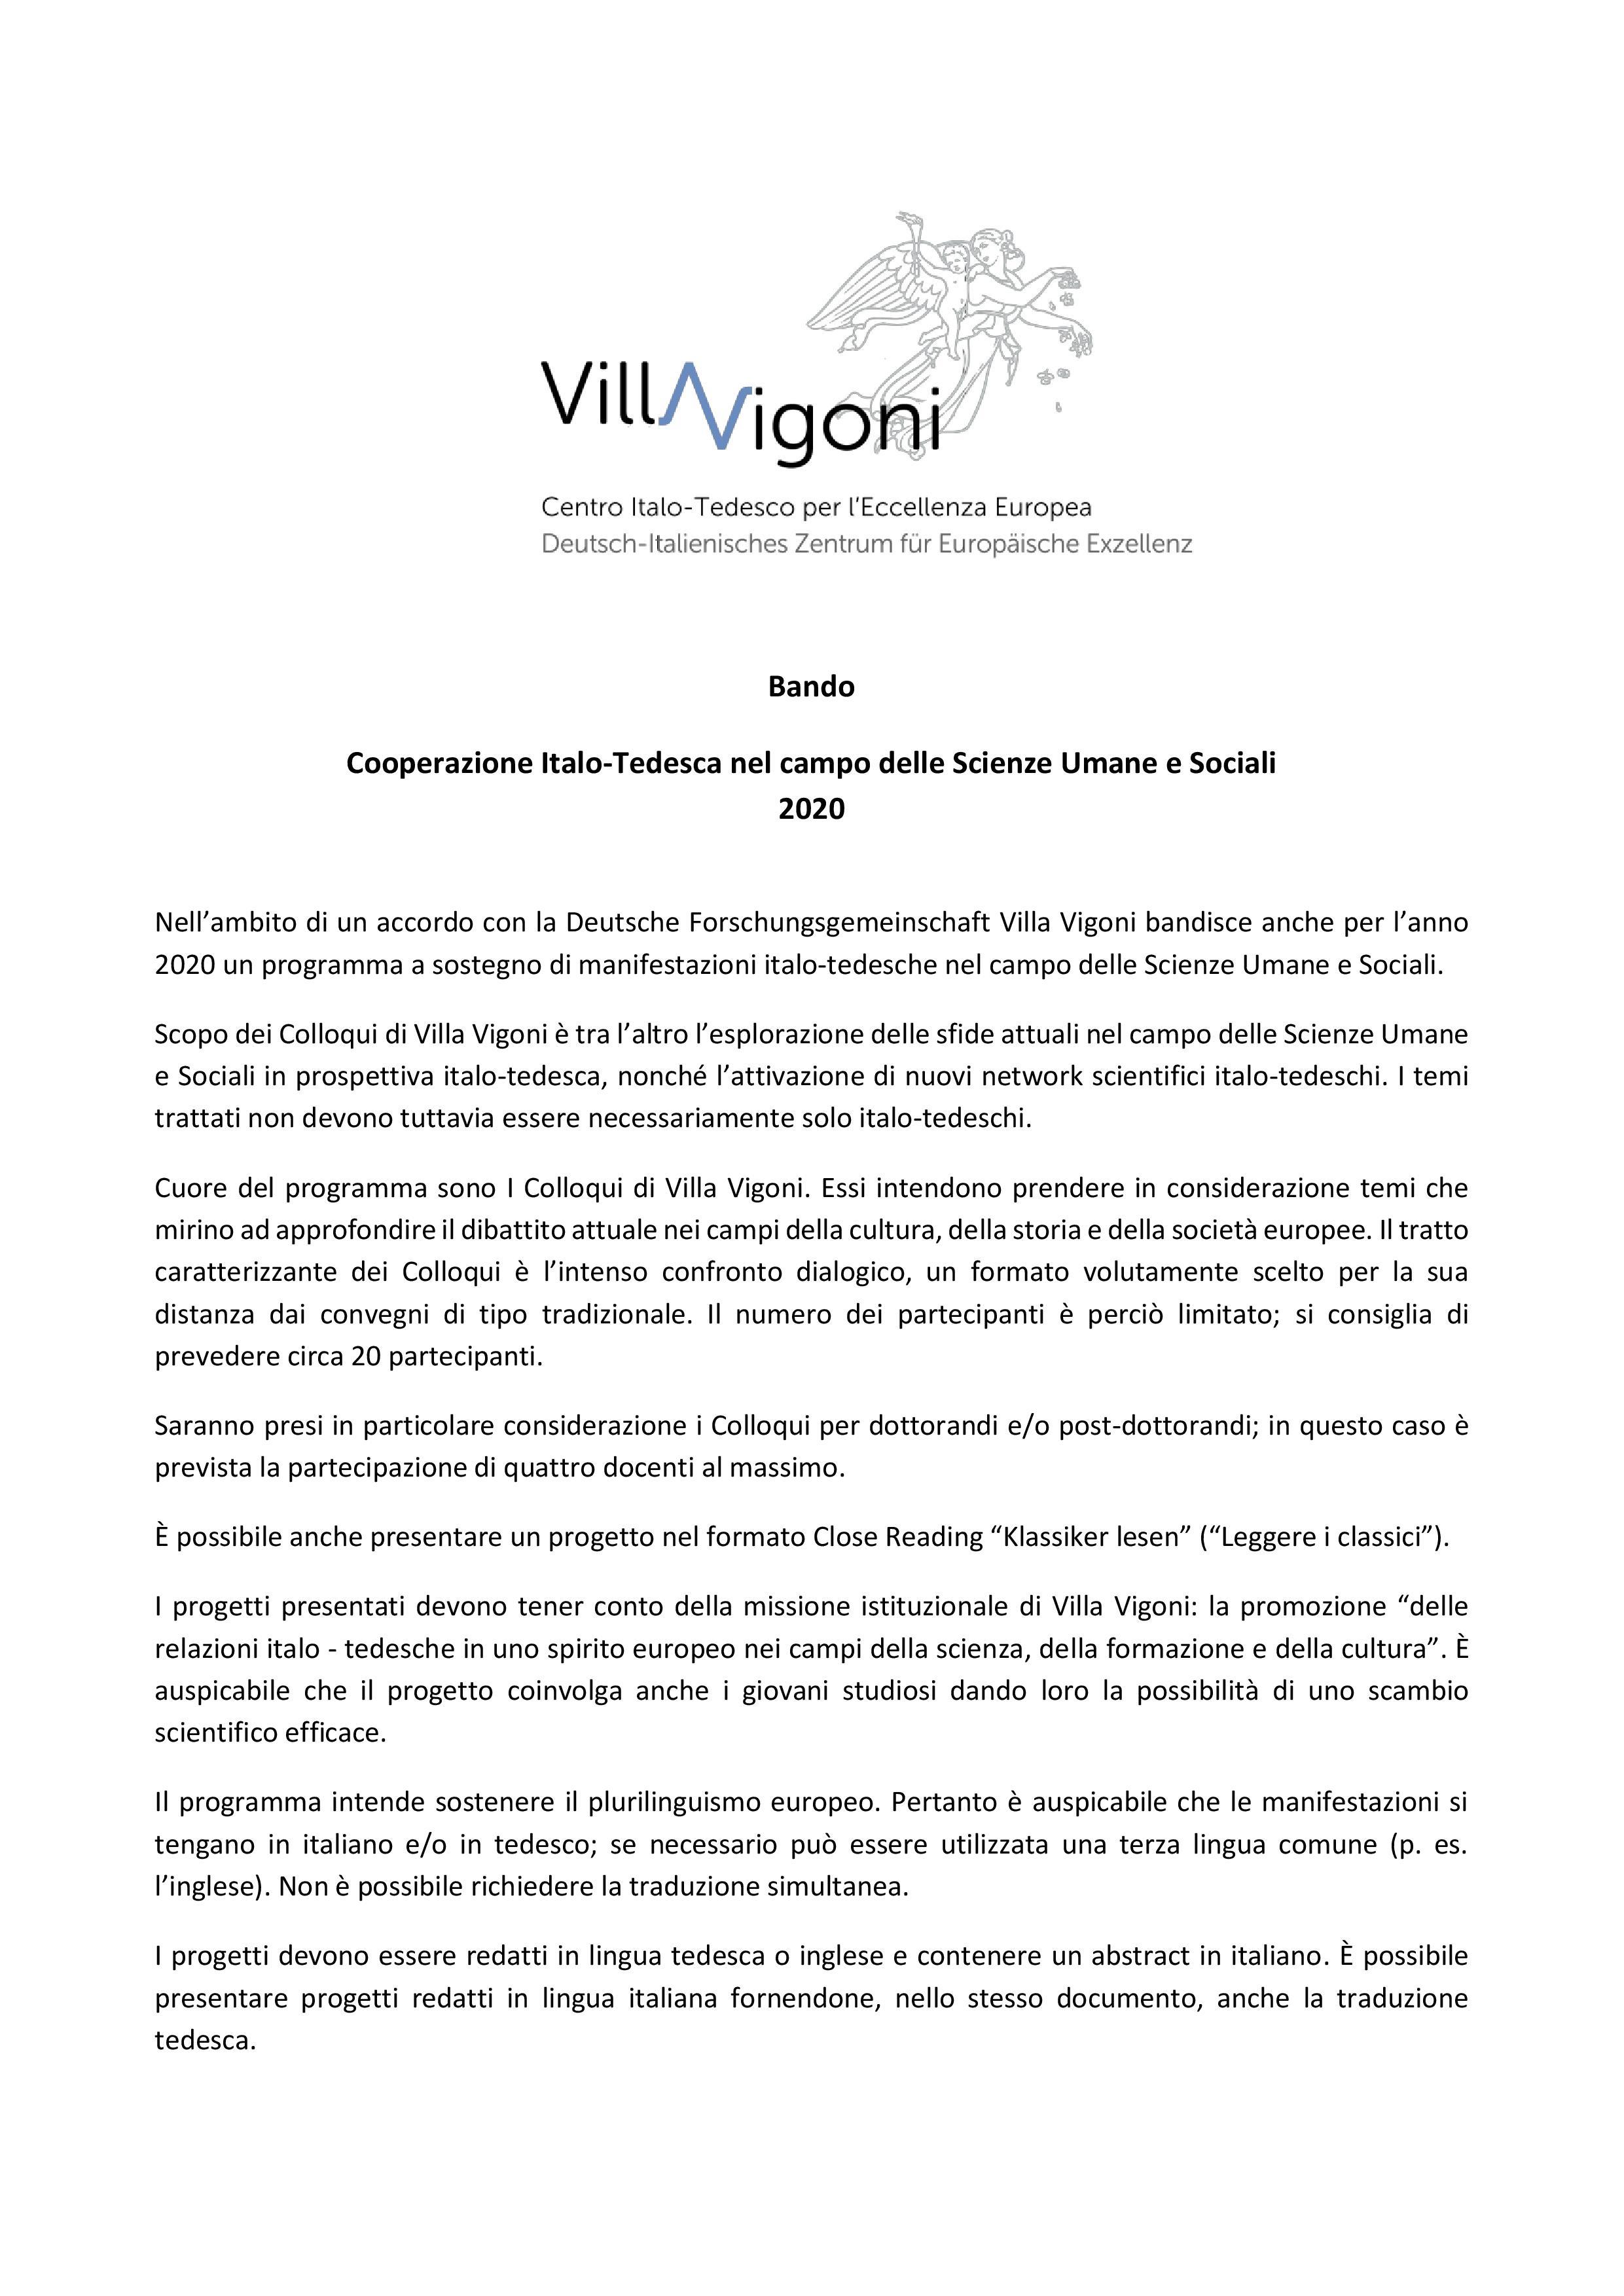 Bando_2020_Cooperazione Italo-Tedesca Scienze Umane e Sociali-page-001